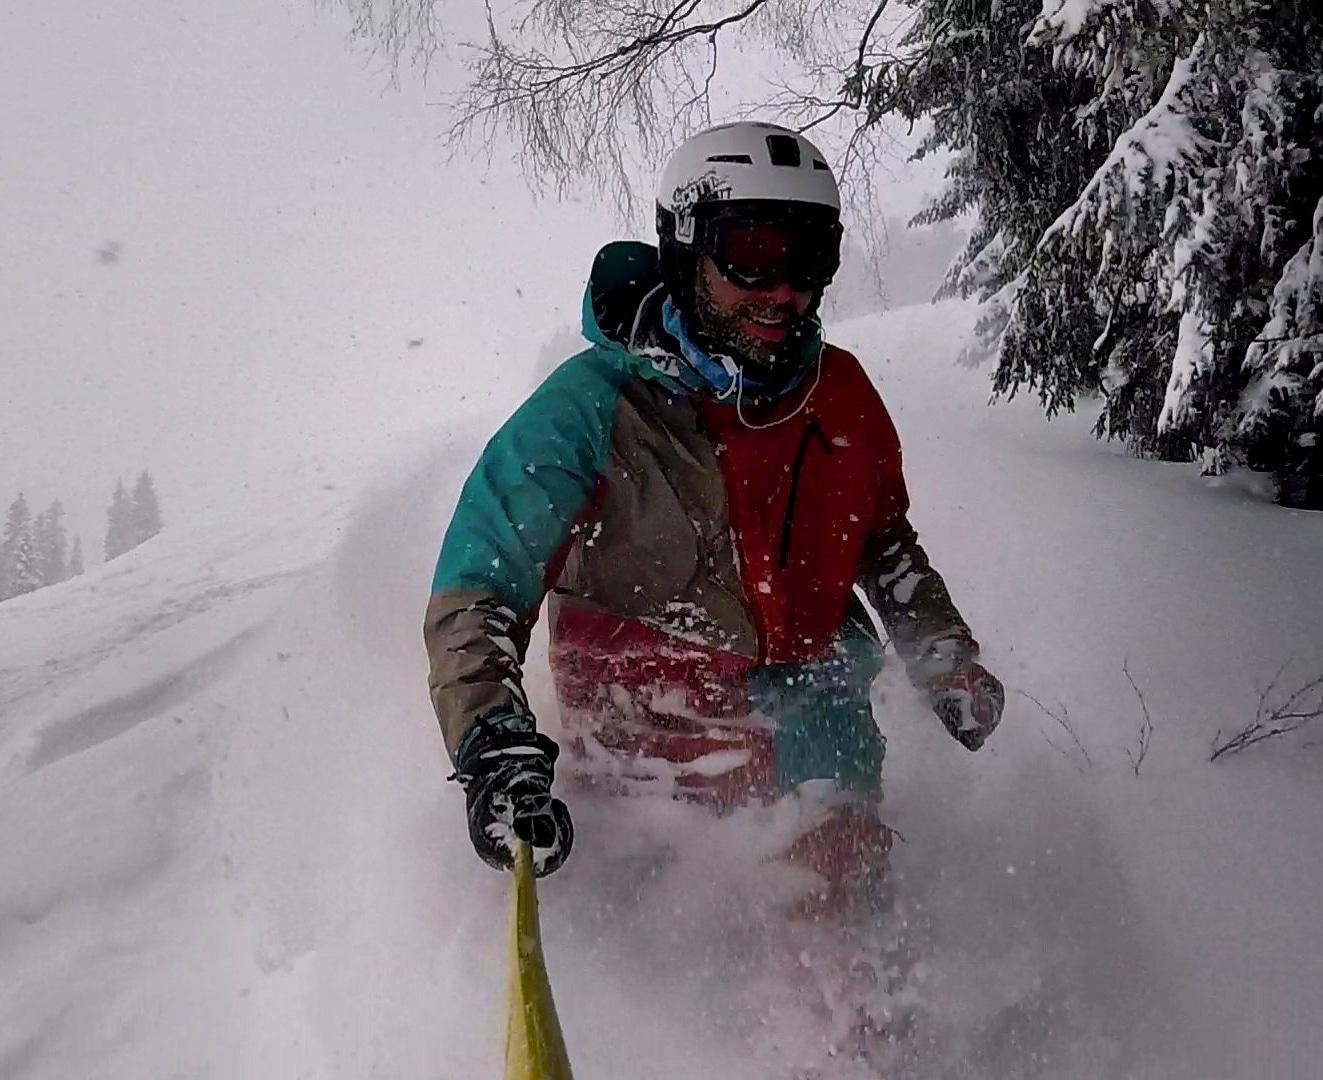 Skier in waist deep powder in Saalbach. Freeride Saalbach